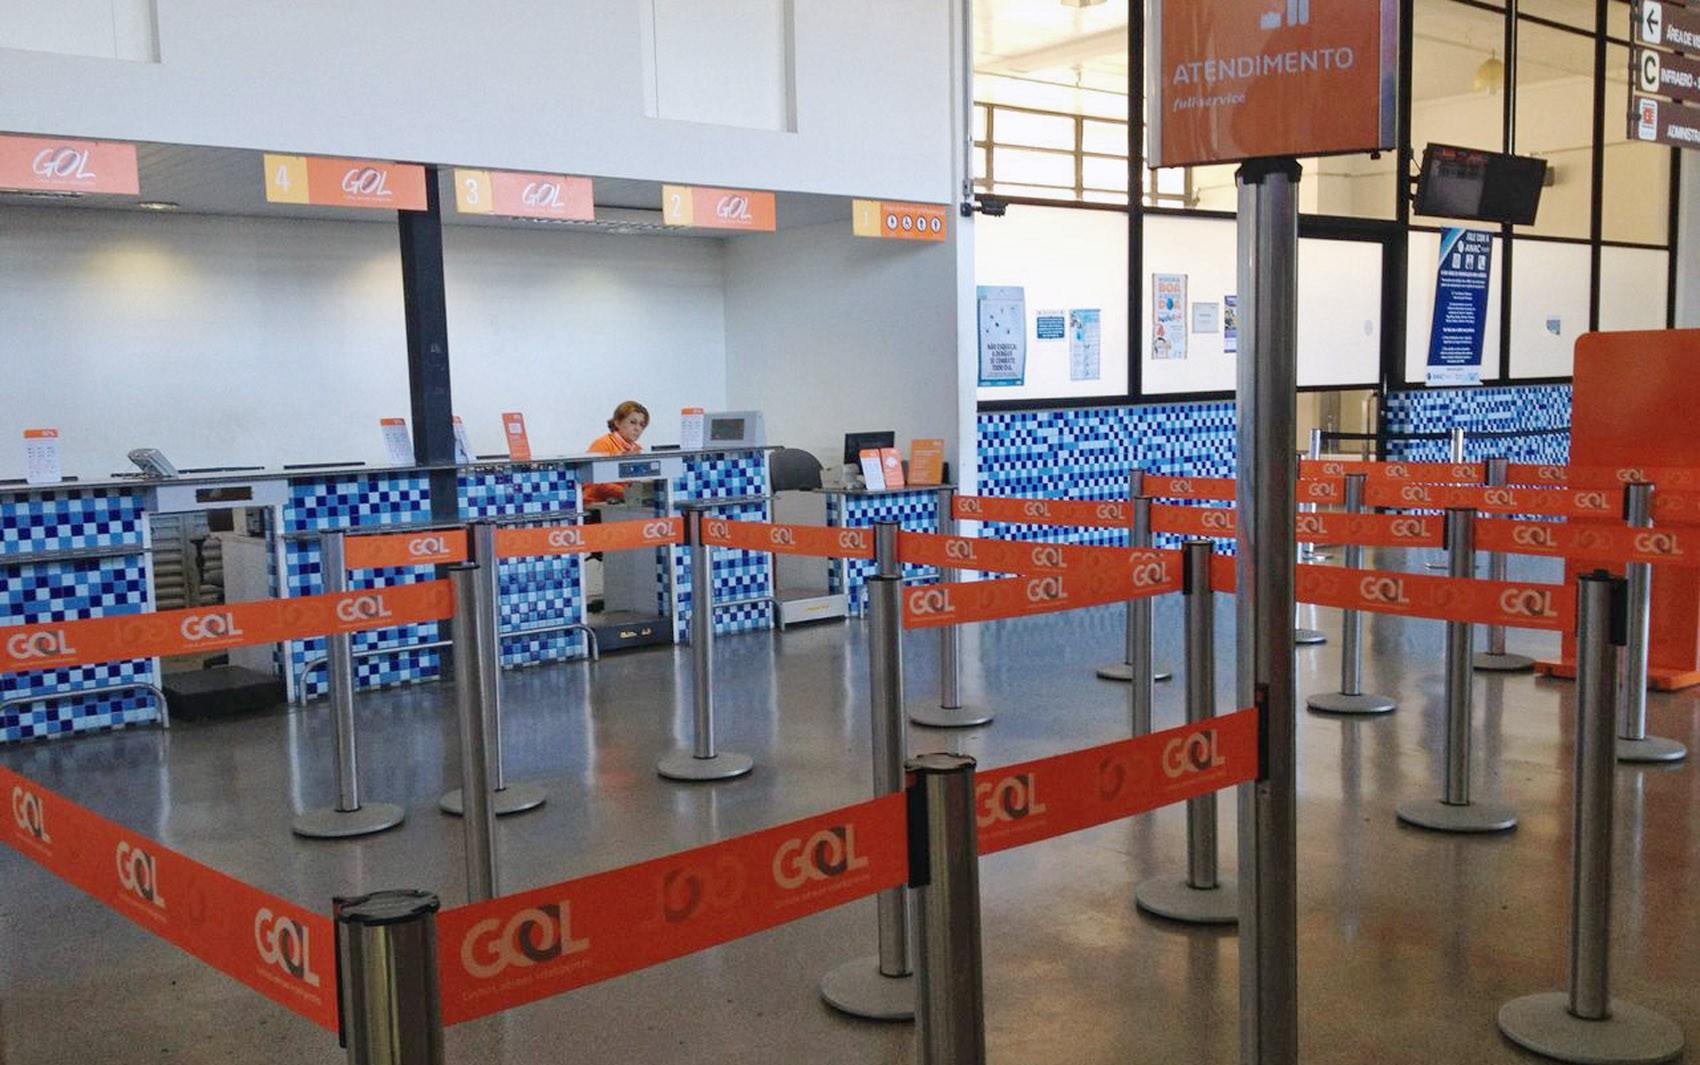 Pandemia de coronavírus faz Gol suspender operação de voos no Aeroporto Estadual de Presidente Prudente